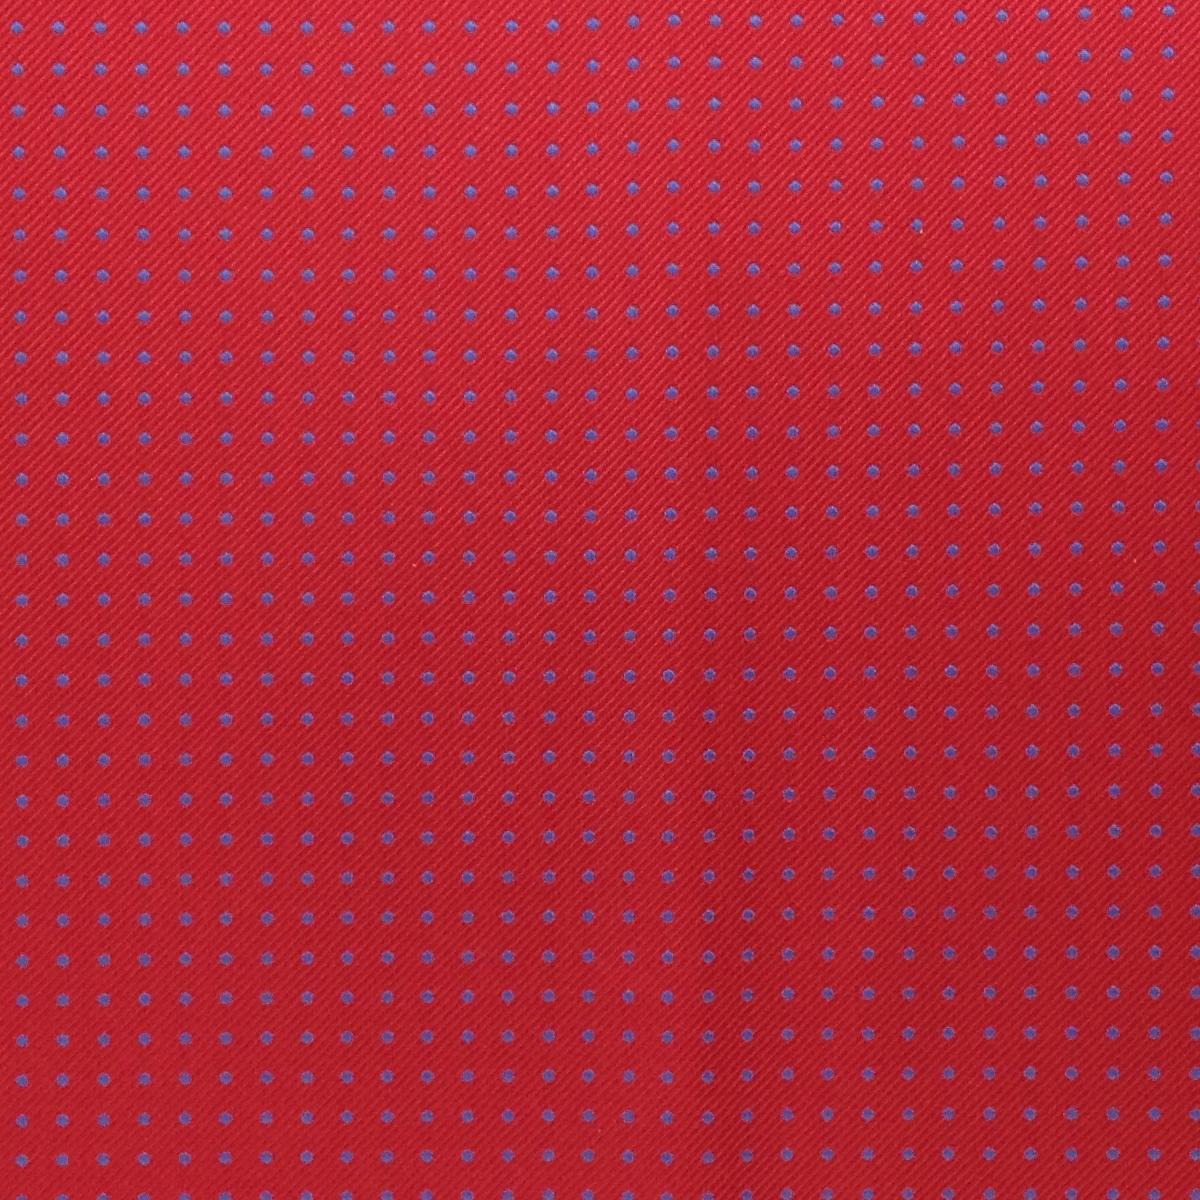 N657 spots RED B - - Con Murphys Menswear